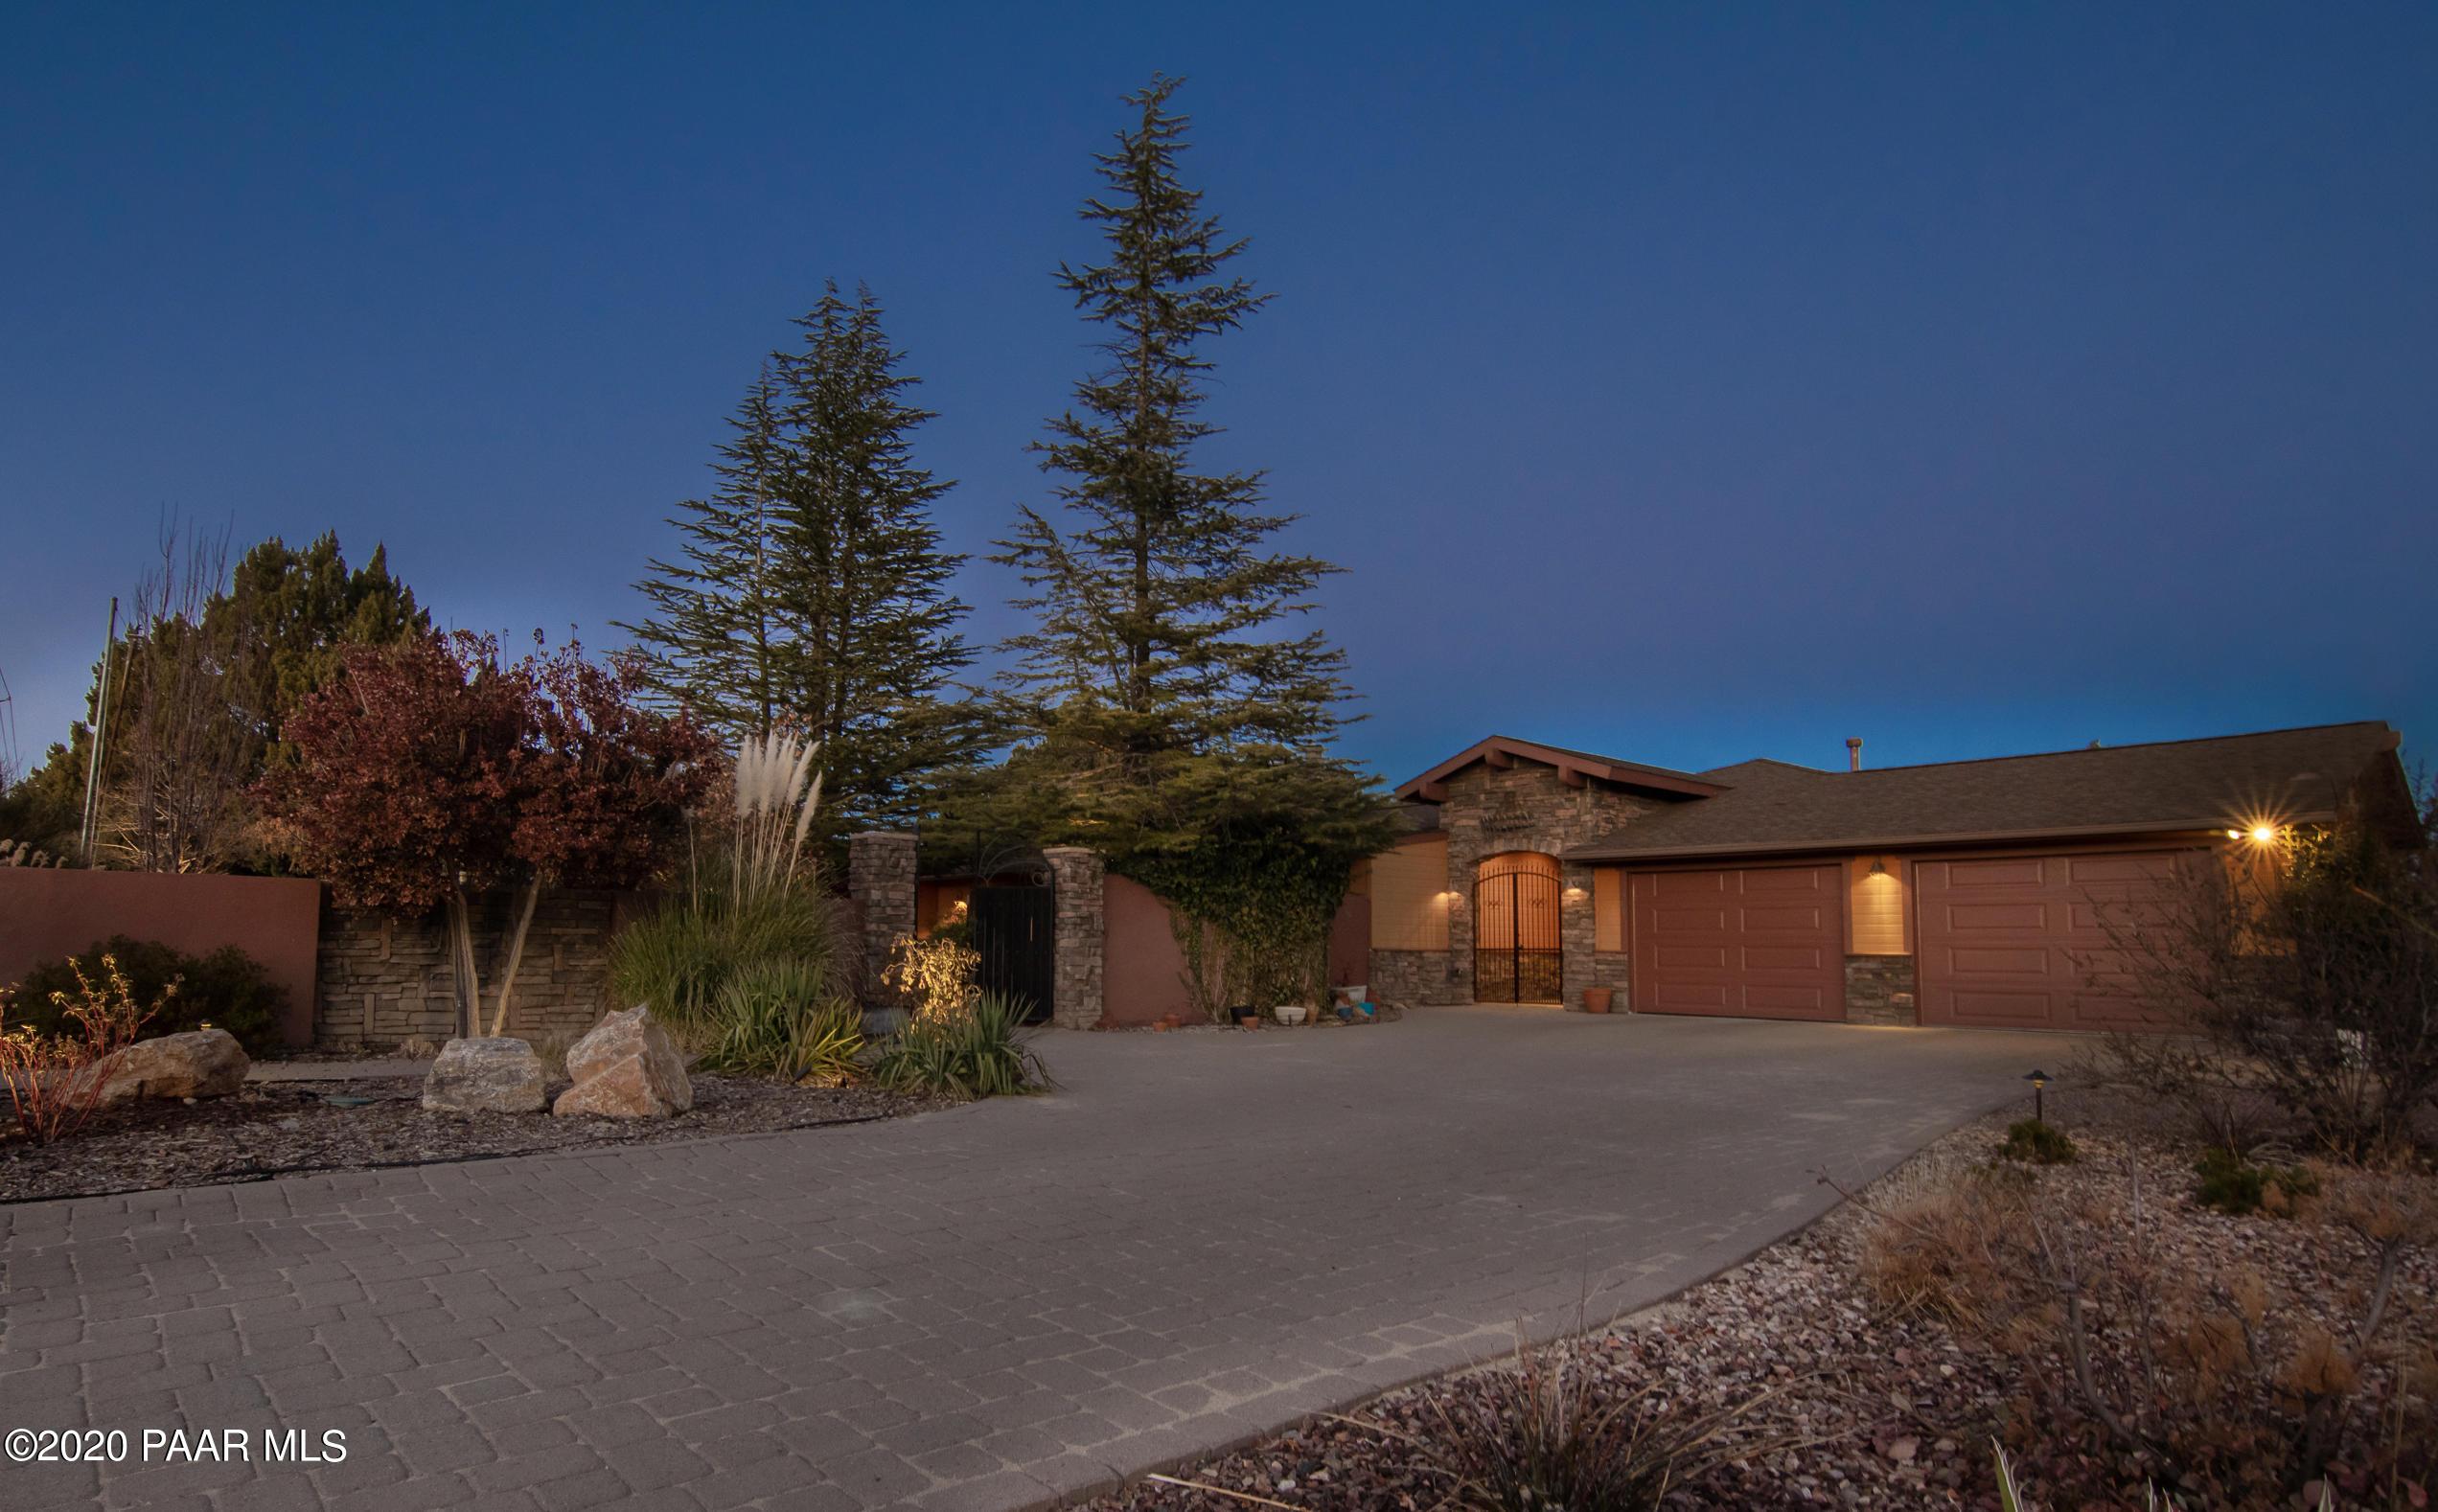 Photo of 3015 Hozoni, Prescott, AZ 86305